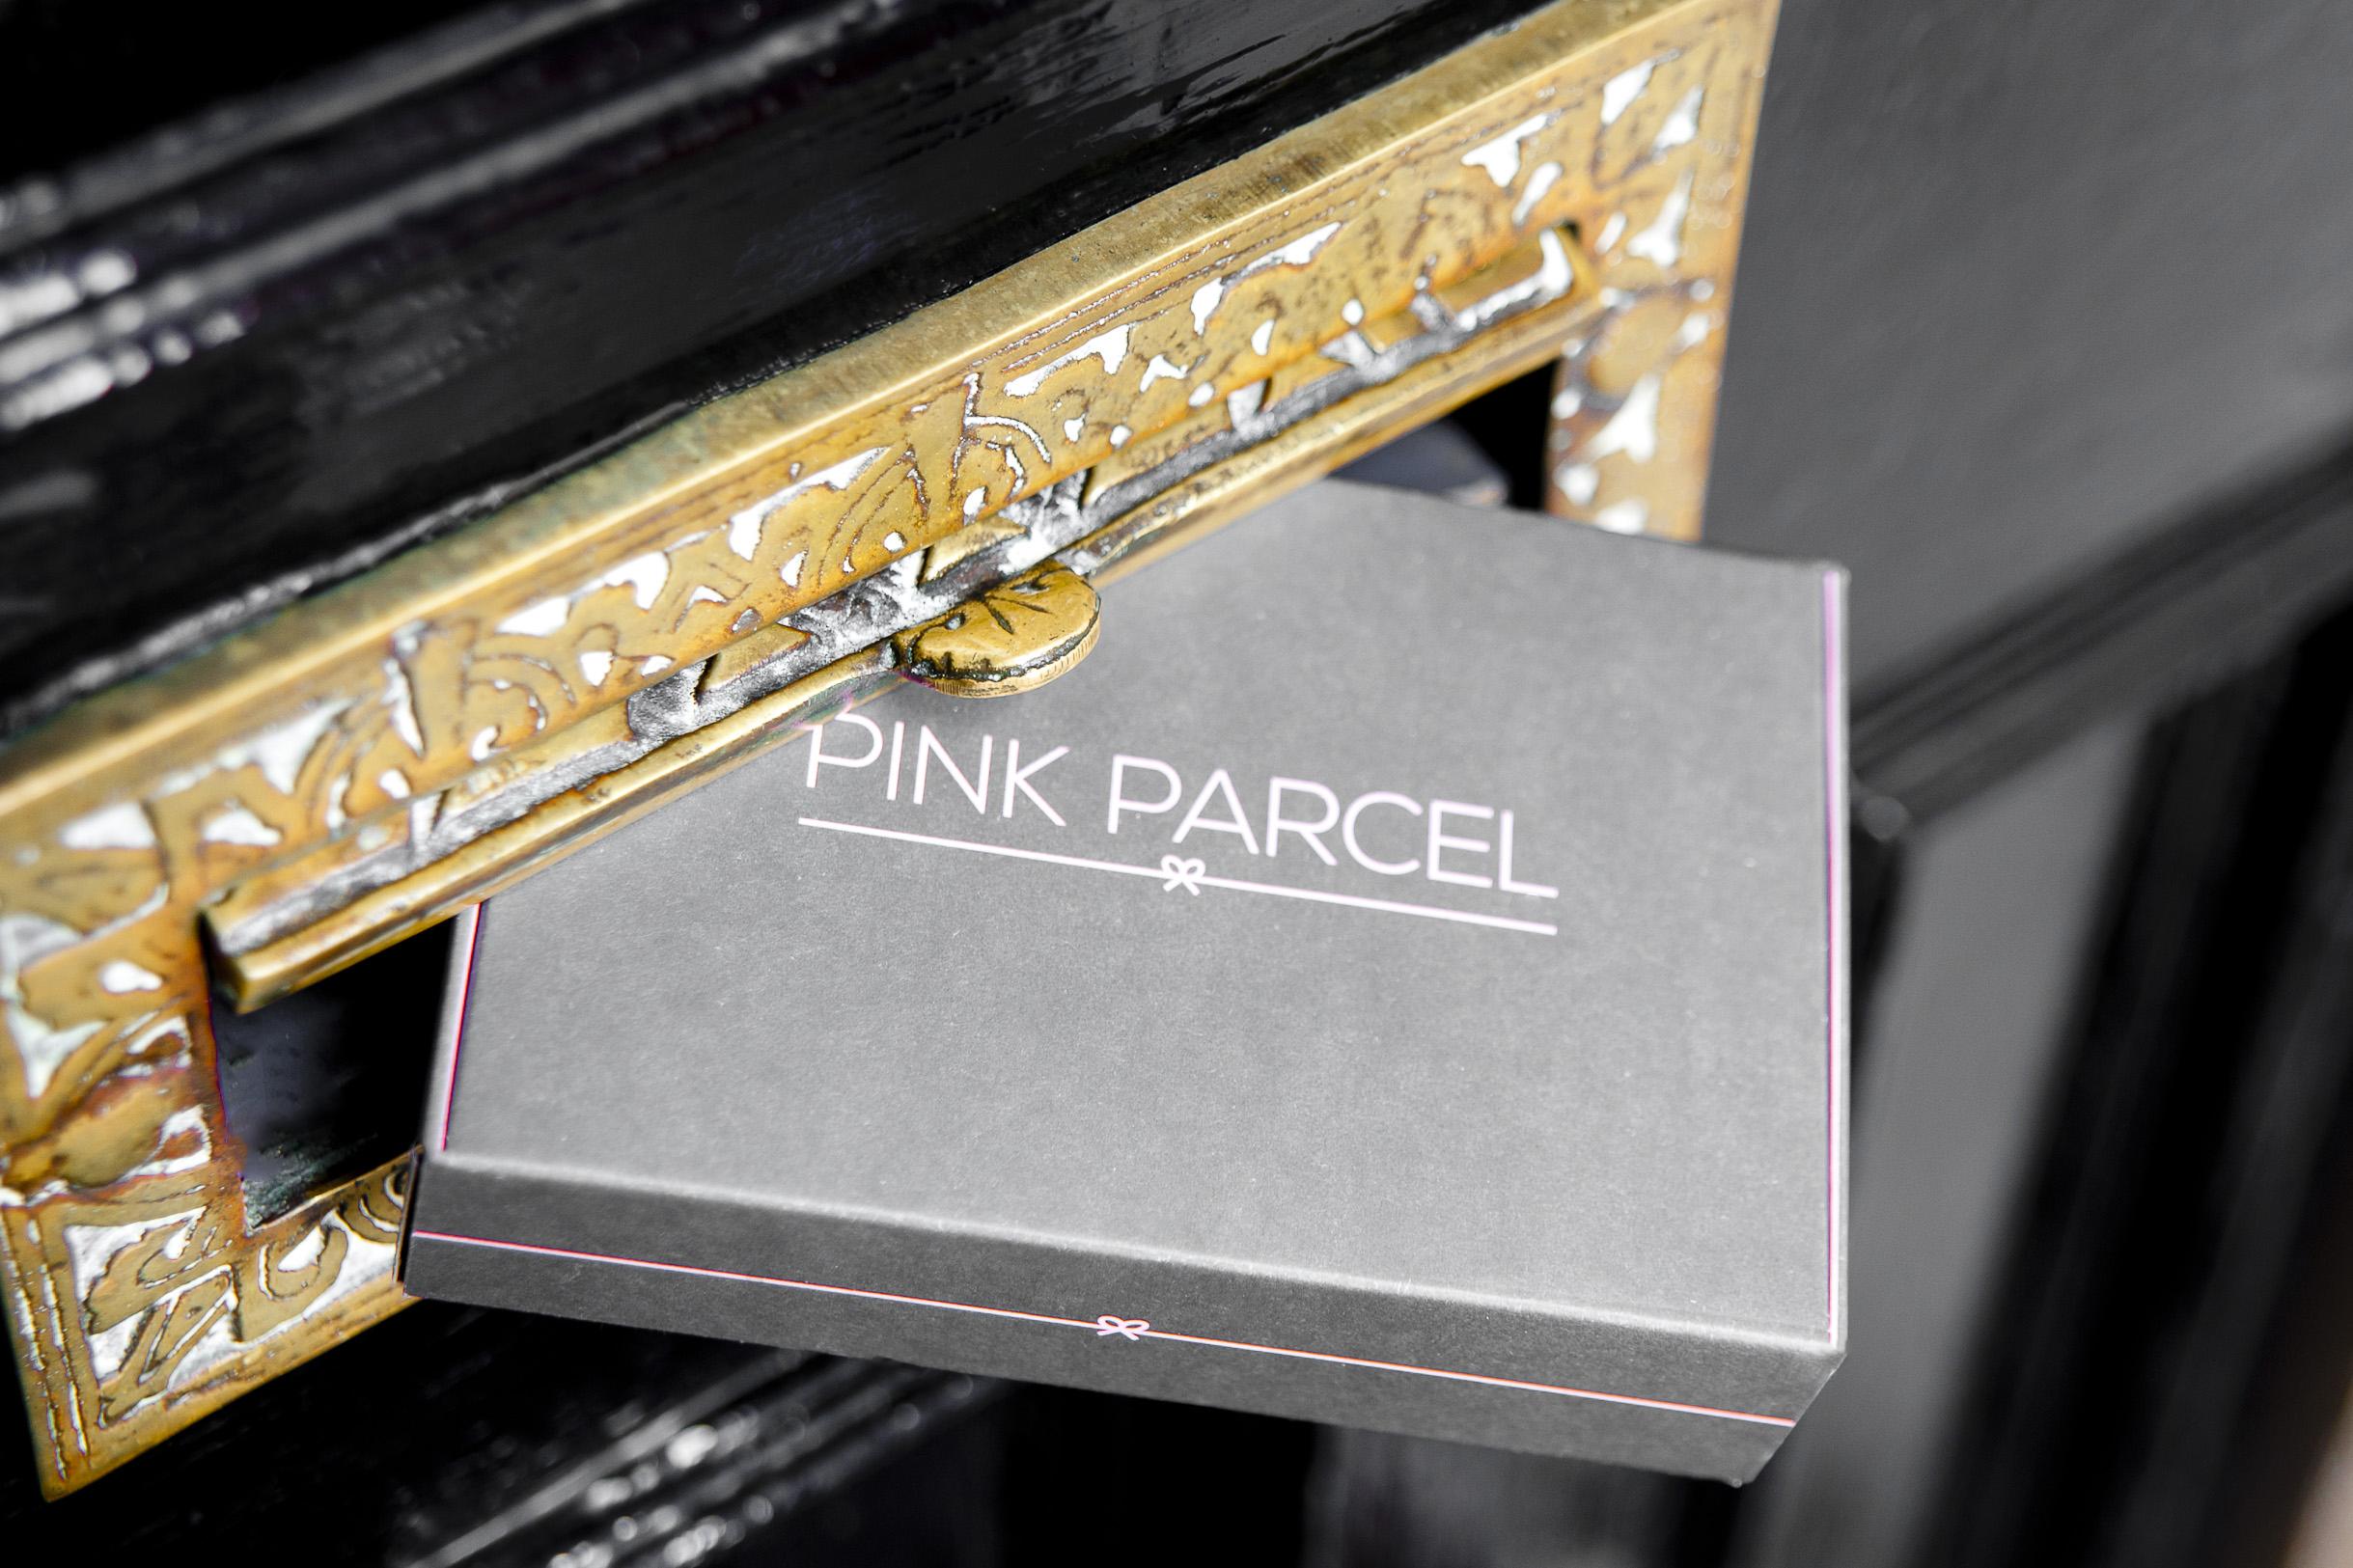 PinkParcelFeb2014_TBM8580.JPG